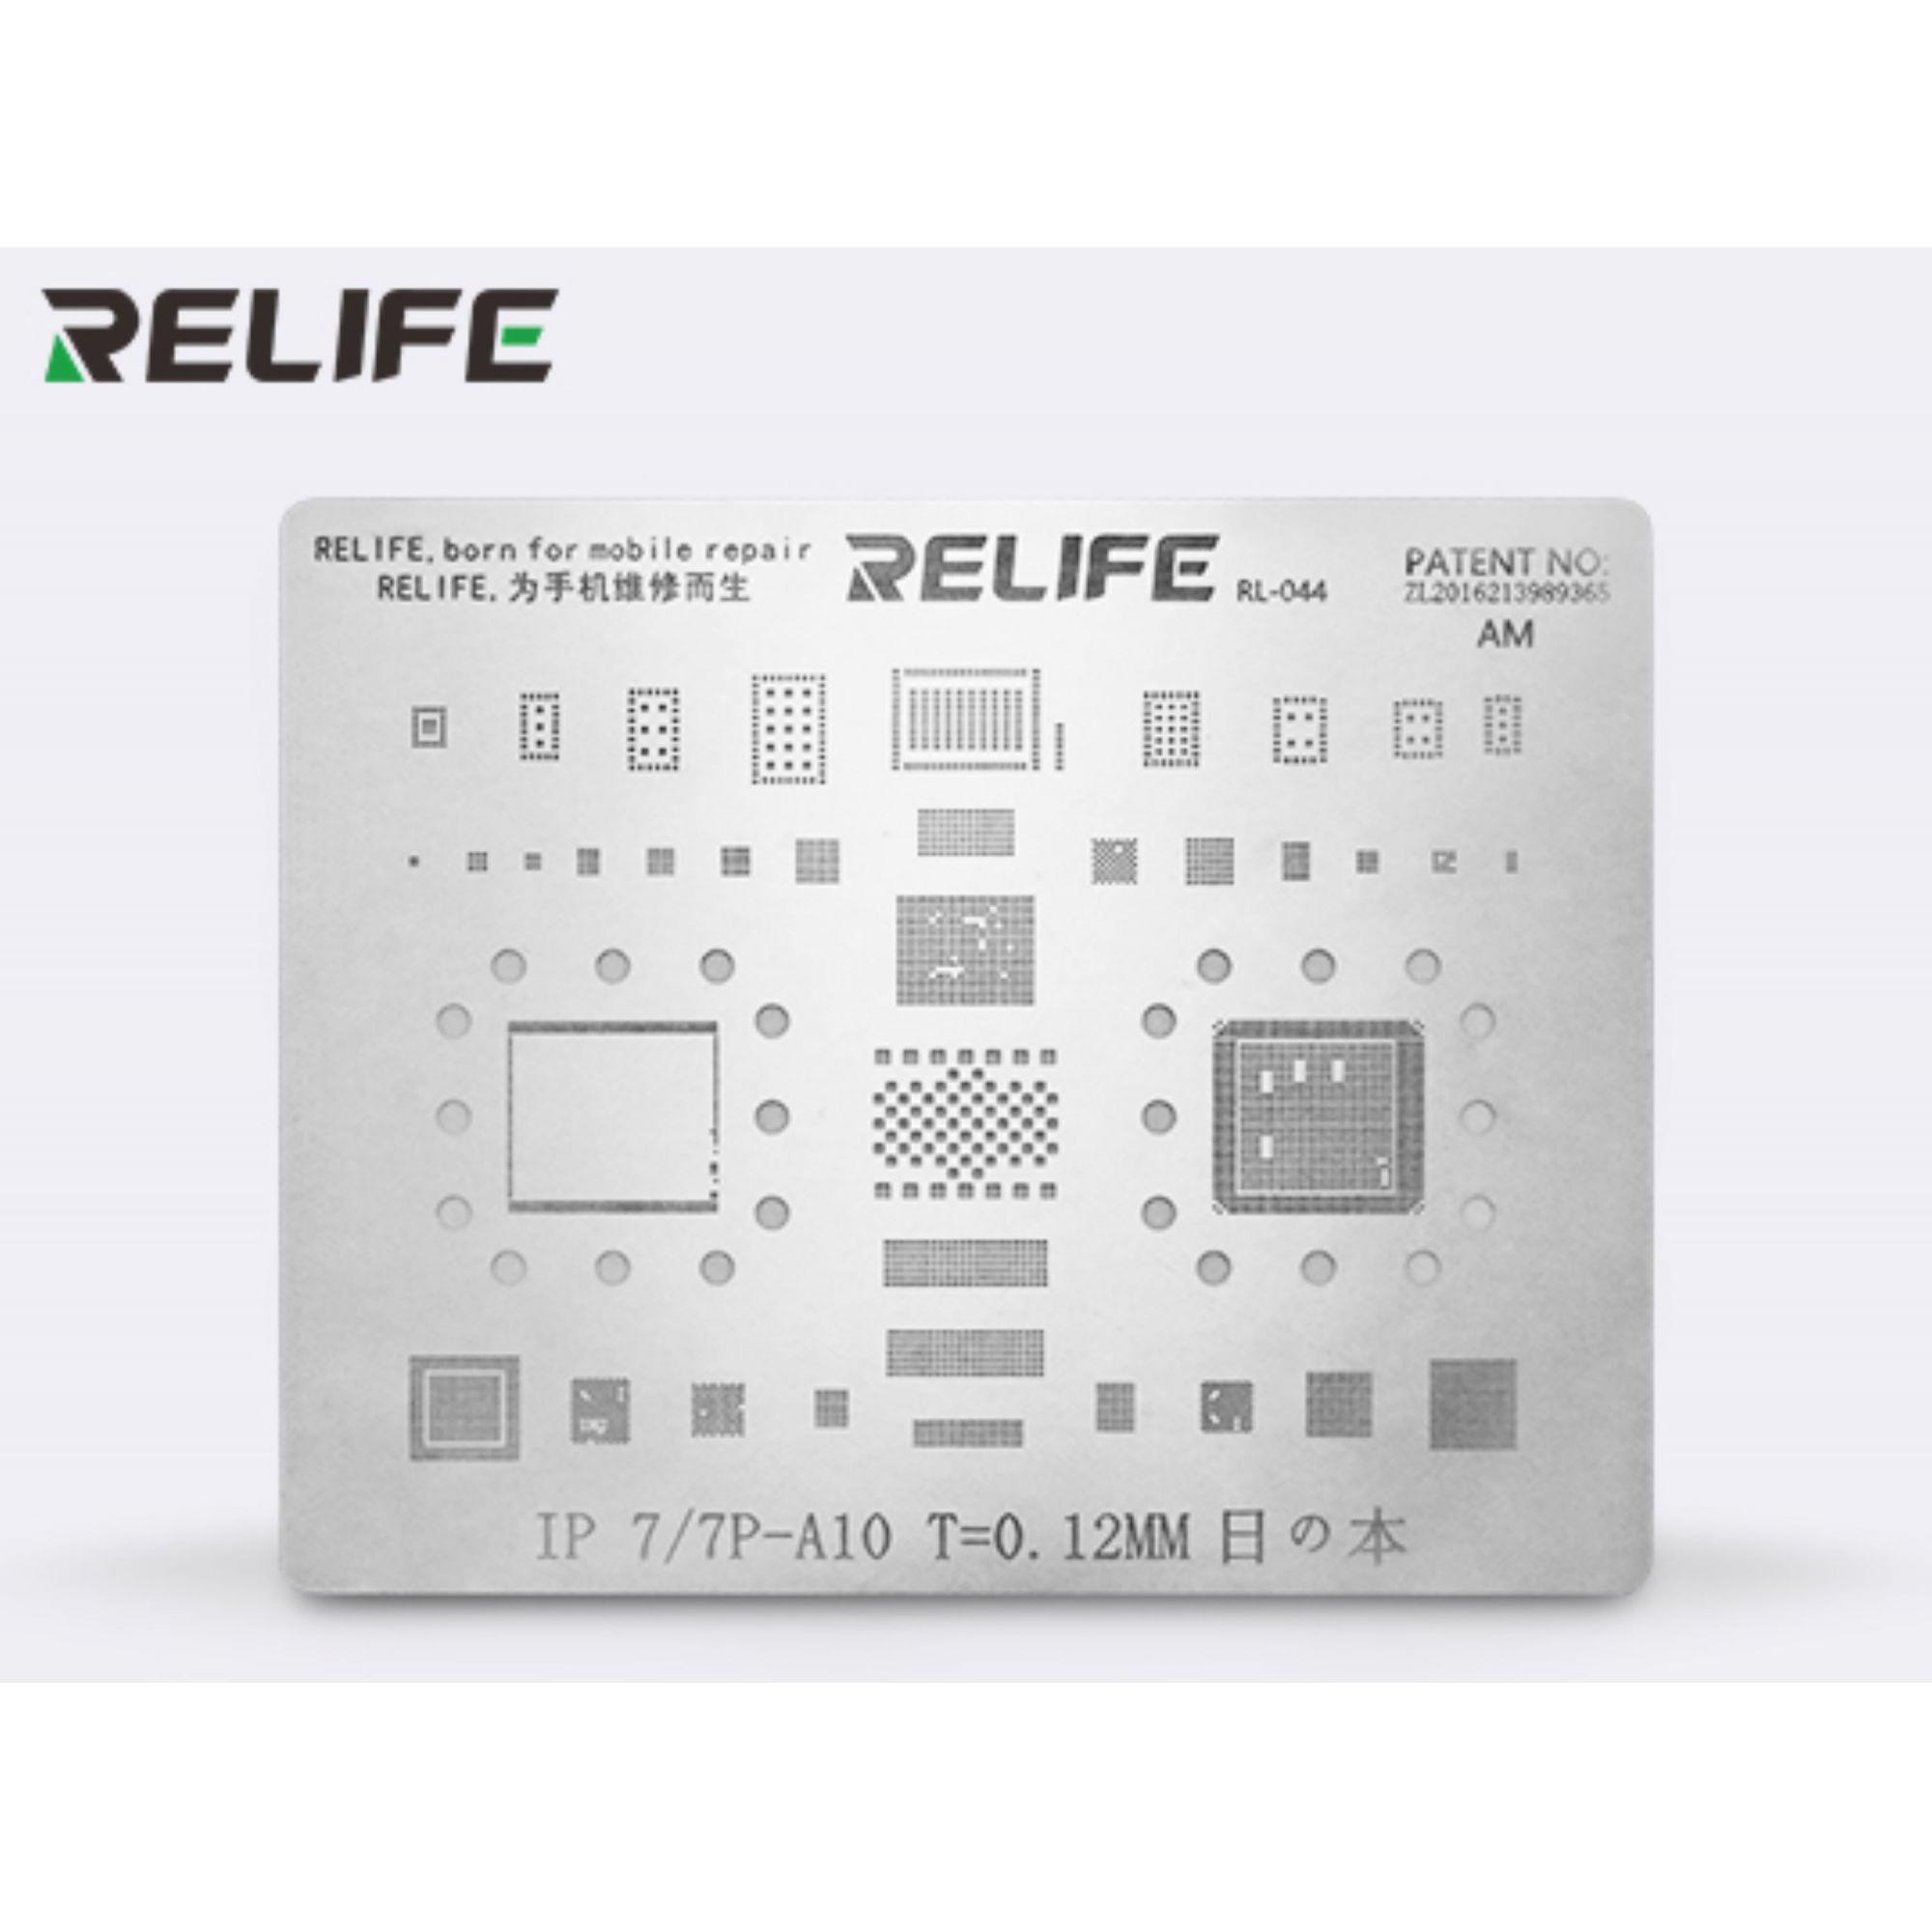 Relife Rl-044 Precisão Bga Stencil Para iPhone 7, 7 Plus ICs e CPU A10